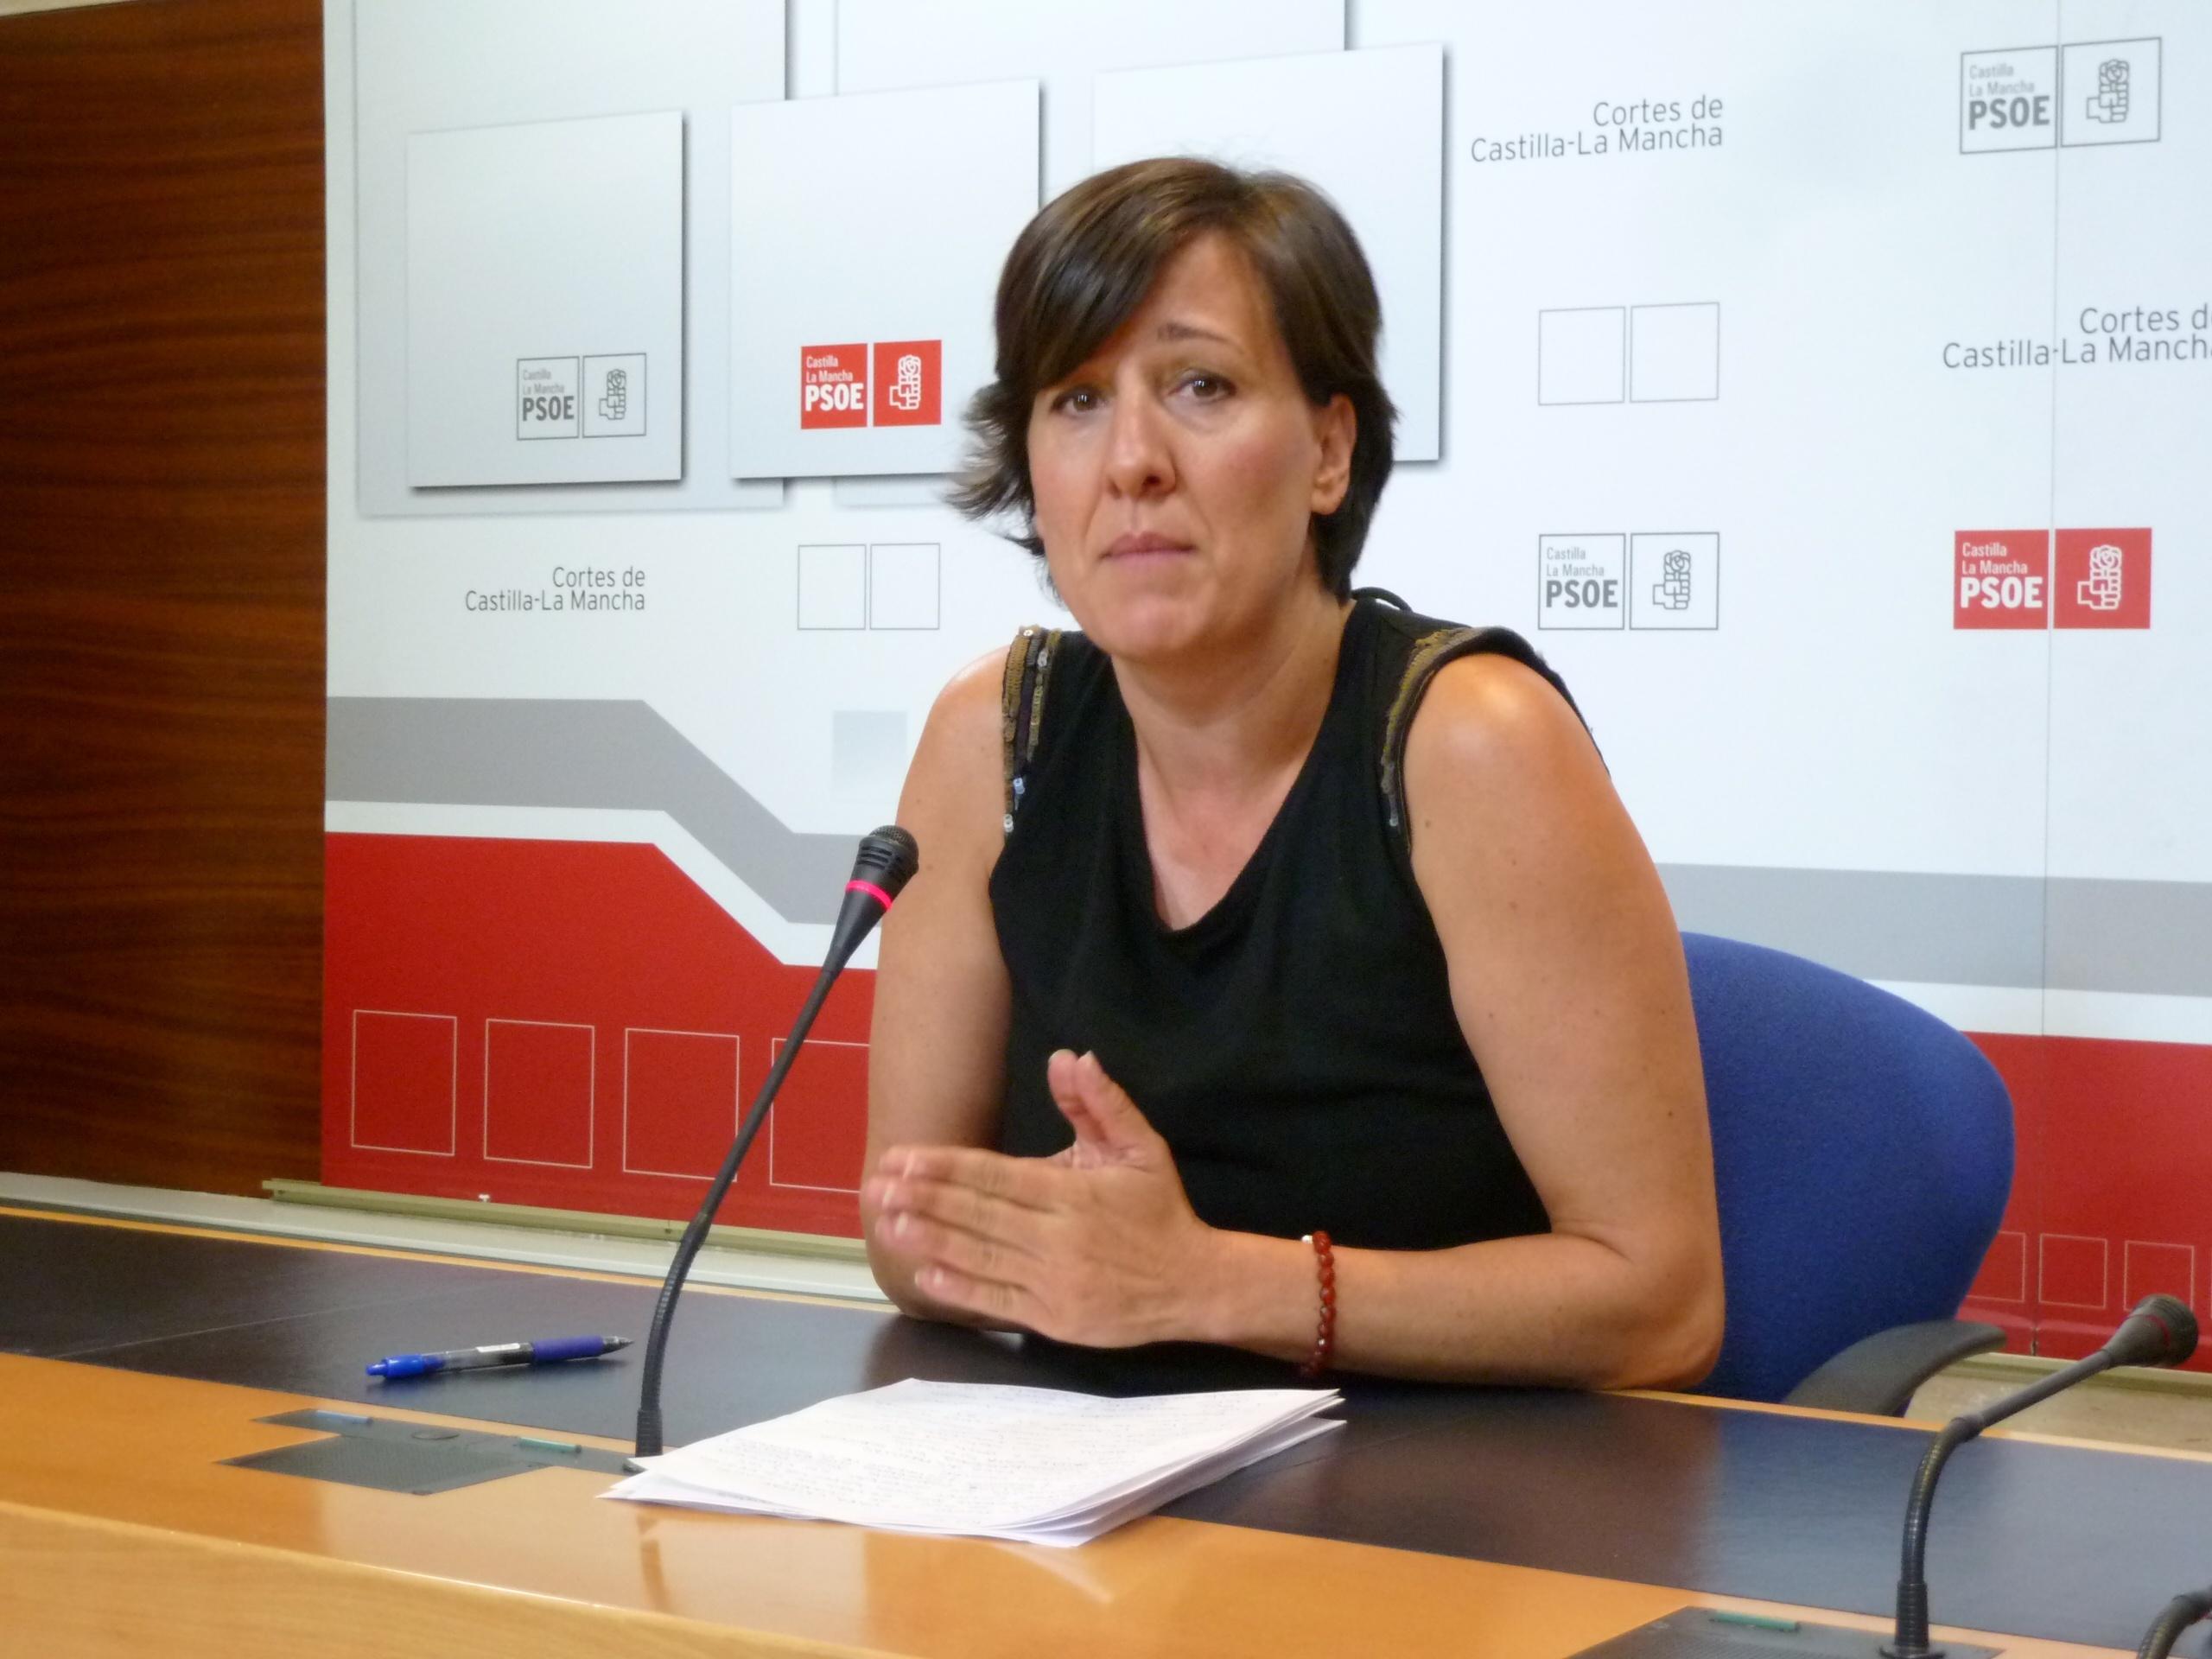 PSOE asegura que este viernes envió una carta a Romaní con sus propuestas tributarias para los presupuestos de 2014